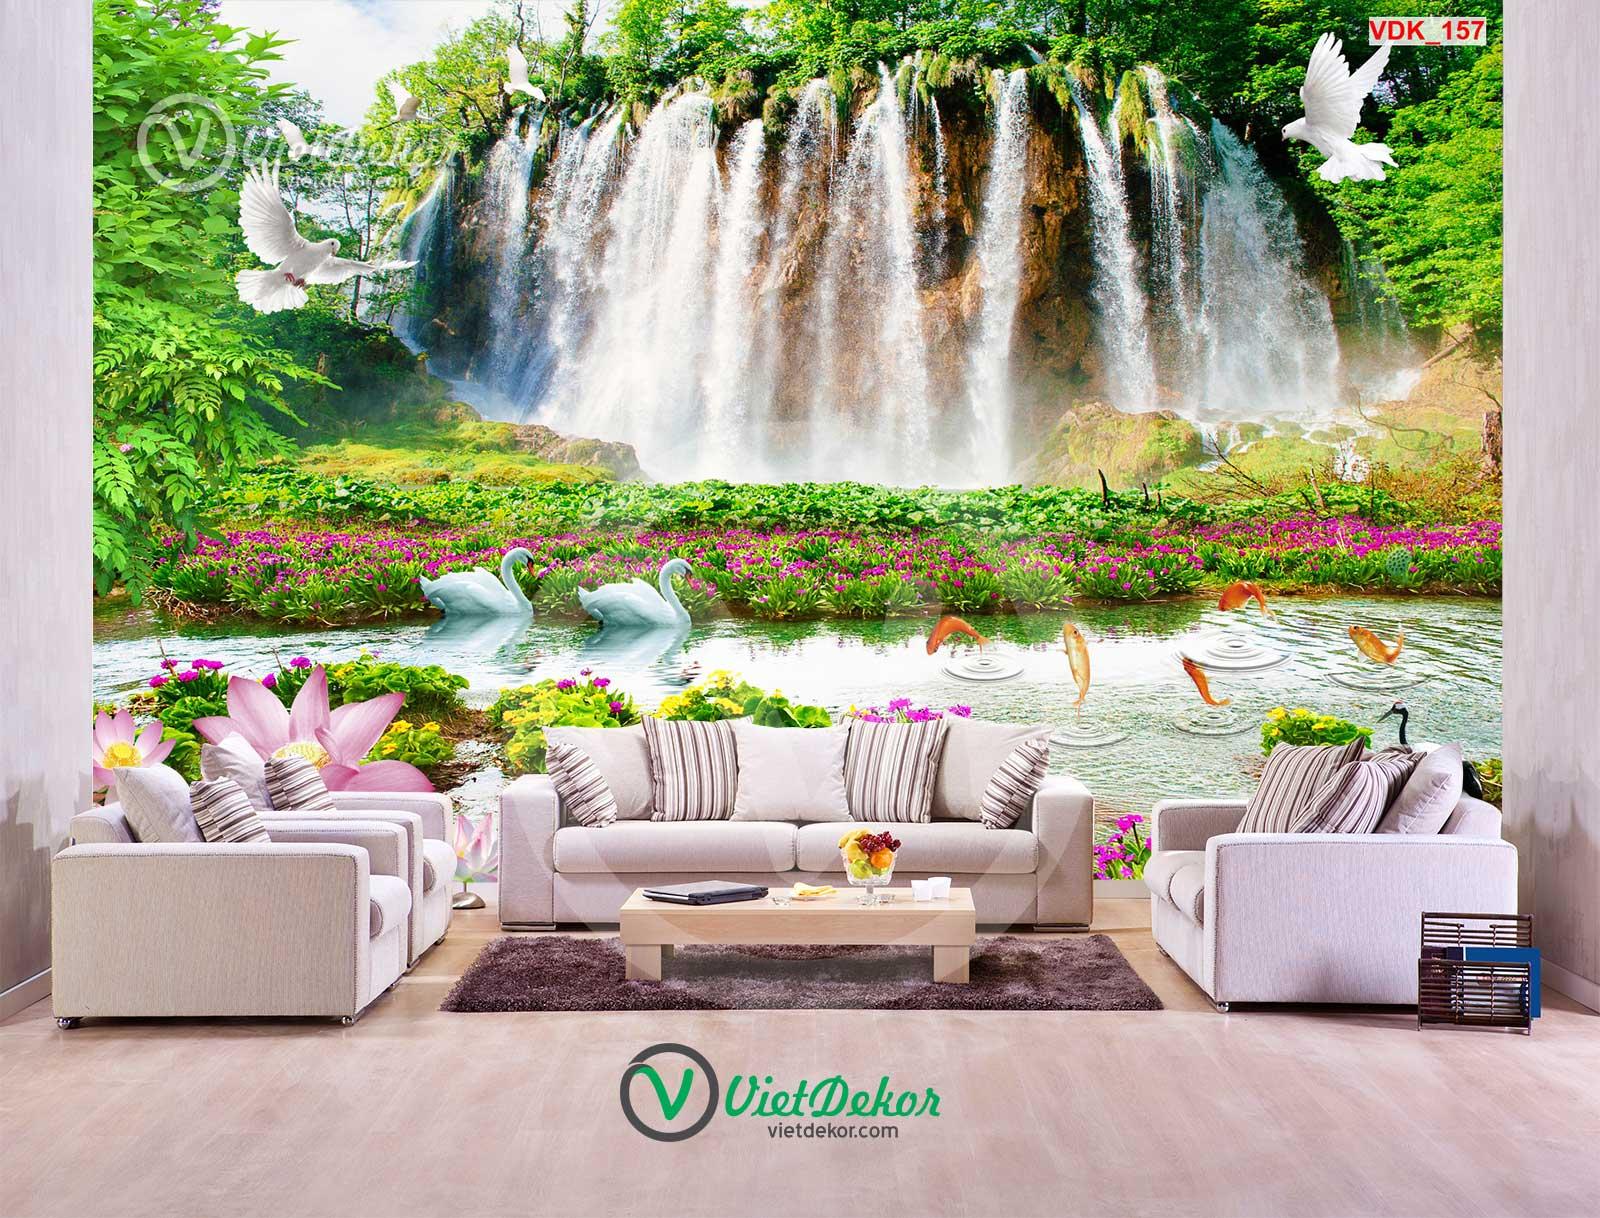 Tranh dán tường 3d thác nước hoa sen